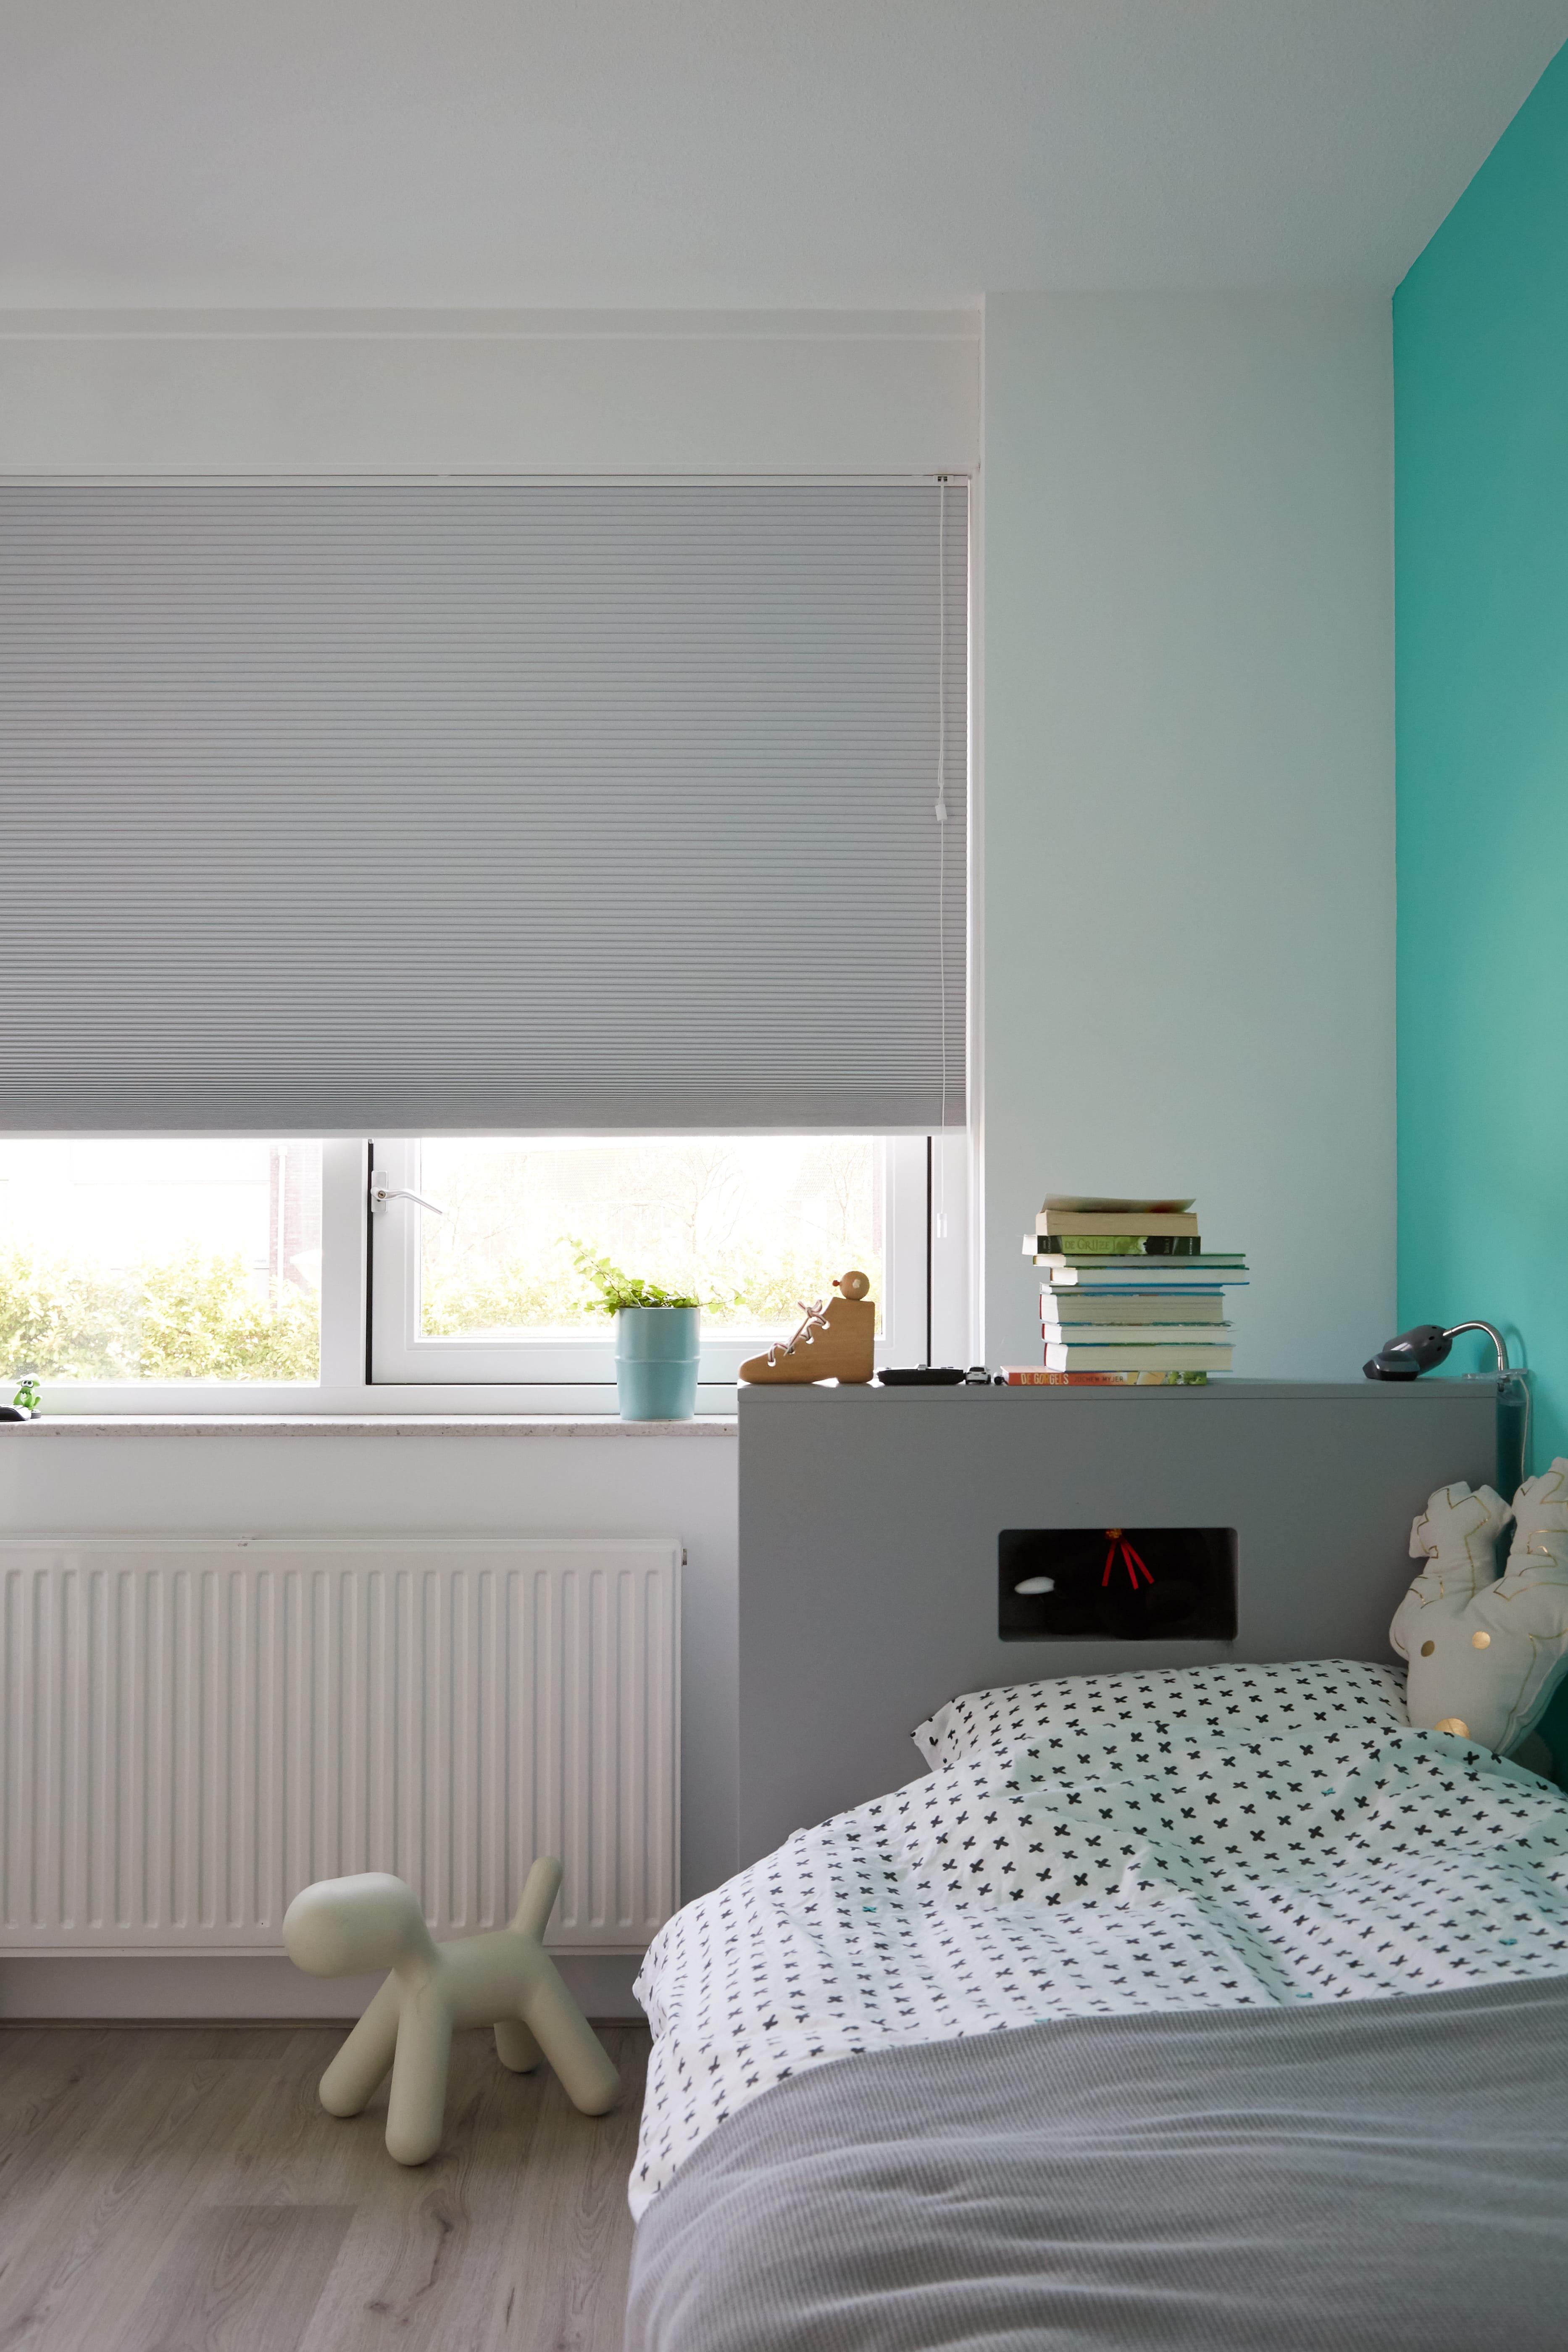 Raamdecoratie voor in de (kinder)slaapkamer.